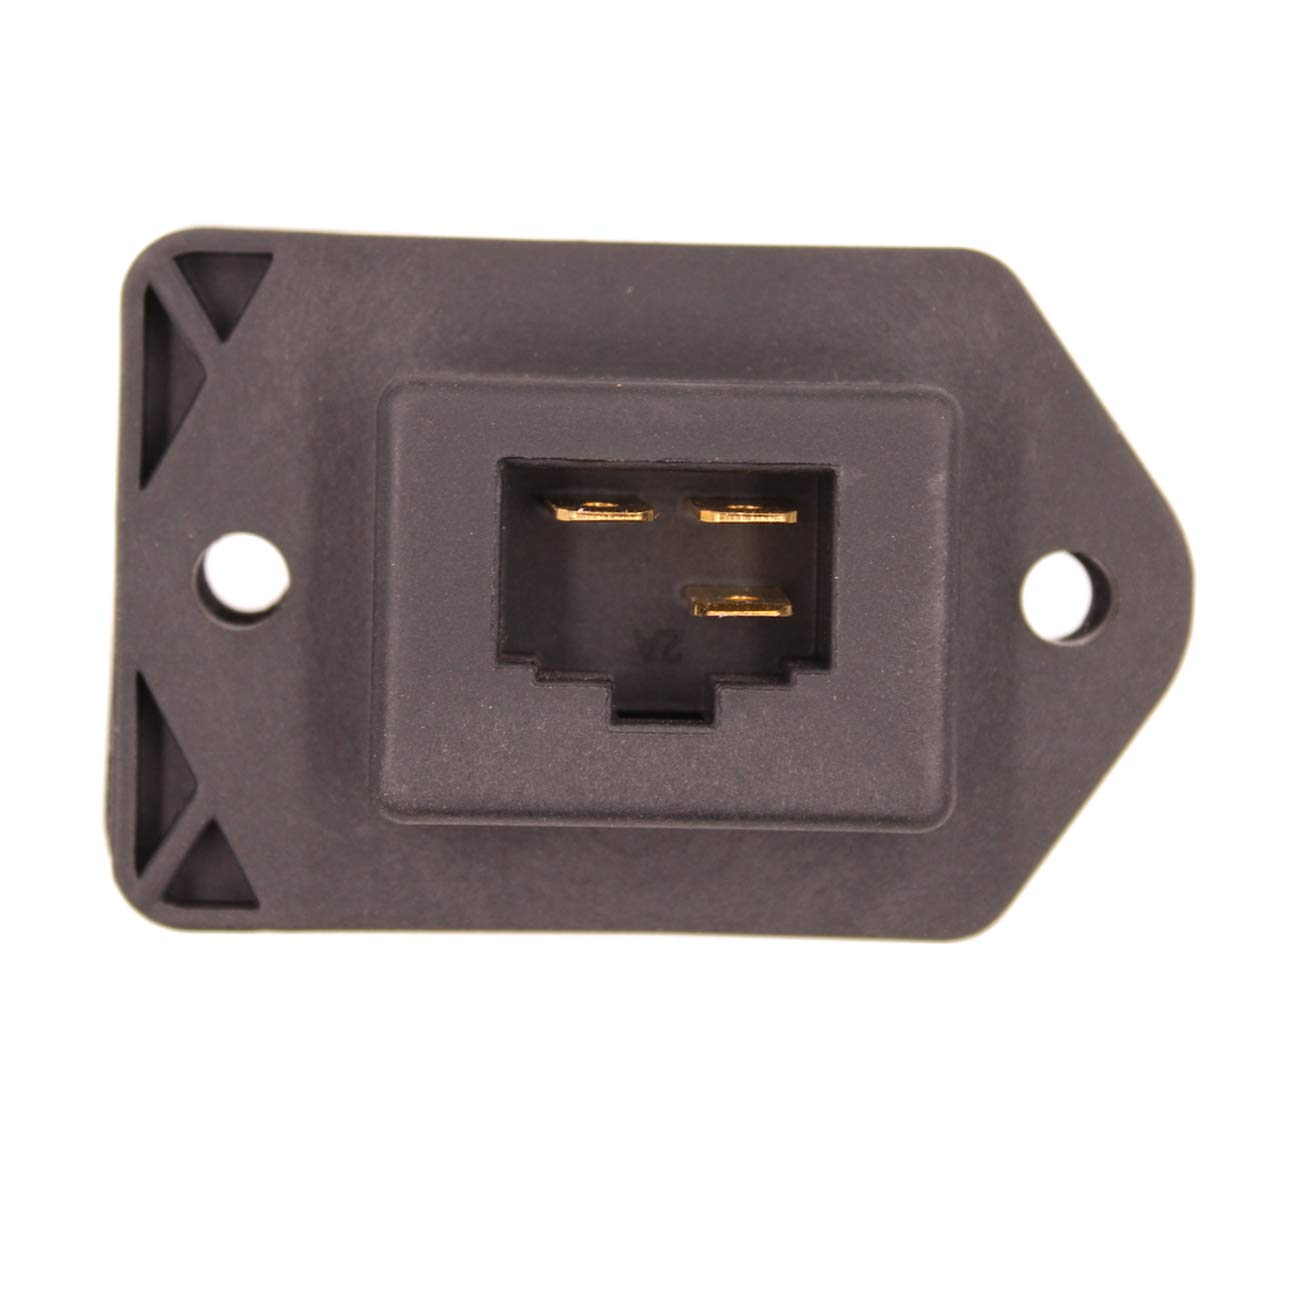 HZYCKJ Resistor del control de la fan del motor del m/ódulo del regulador de la velocidad del ventilador del coche OEM # 96629733